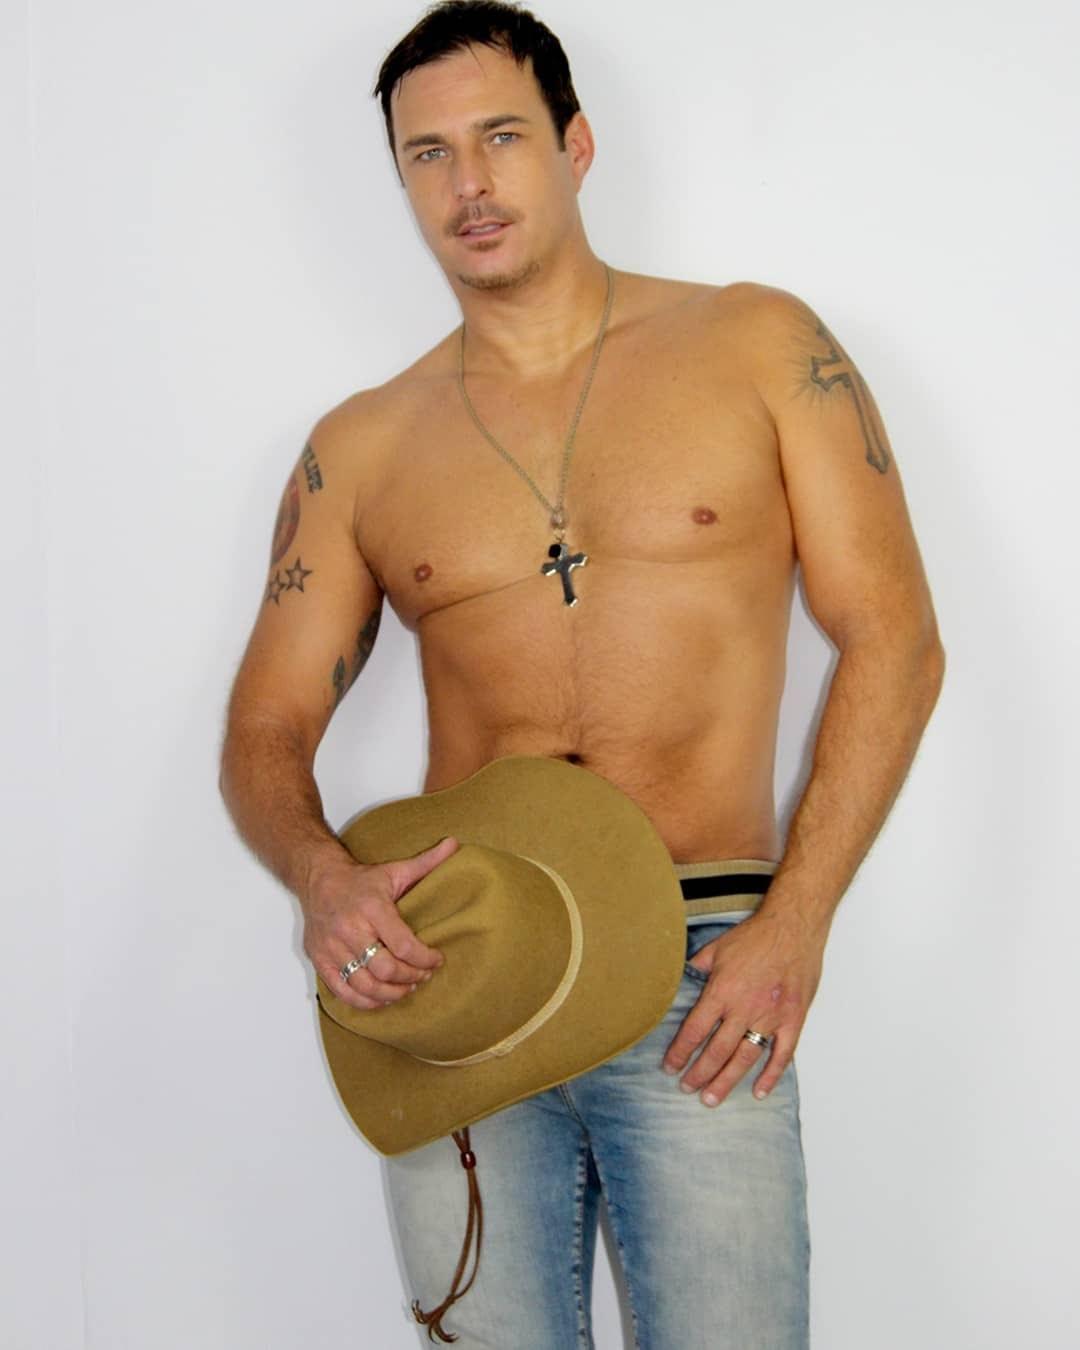 Klaus Hee retoma carreira musical e posa para ensaio de cowboy. Foto: Fernando Alencar/Renato Cipriano - Divulgação